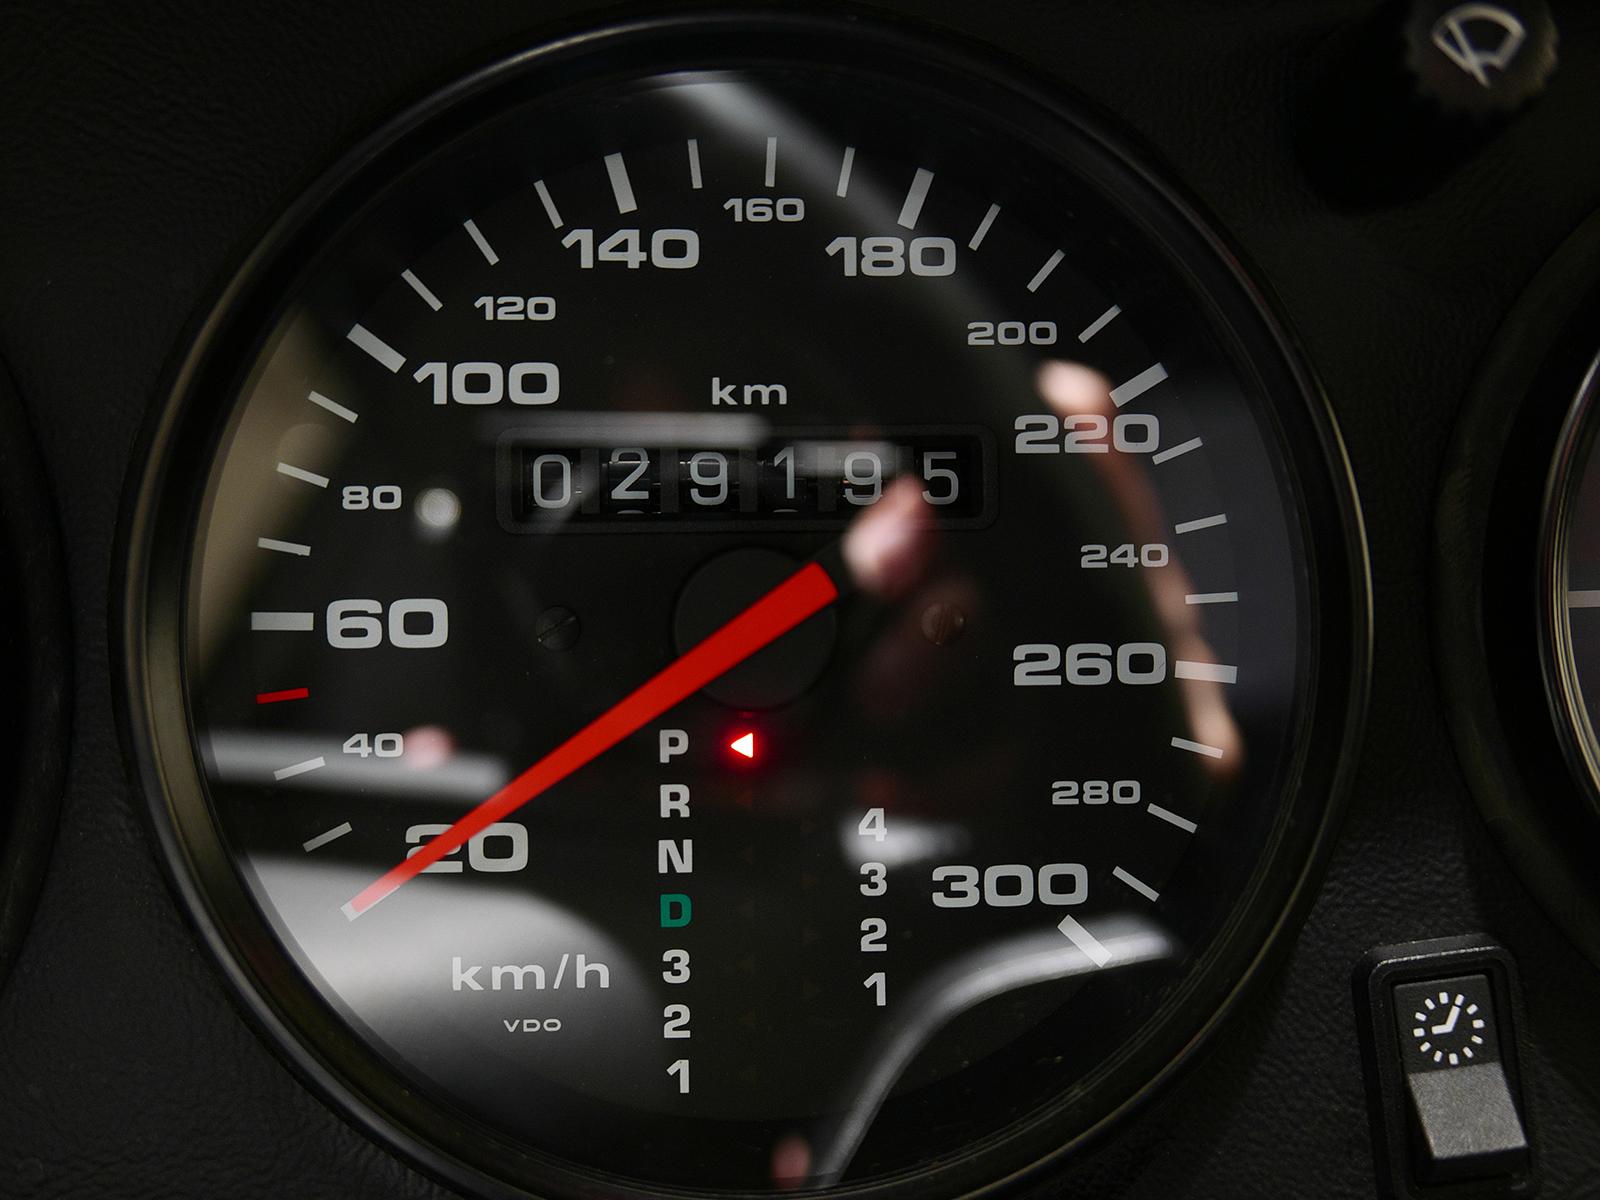 ポルシェ 911 タイプ993 カレラ タイプ Ⅰ メーター